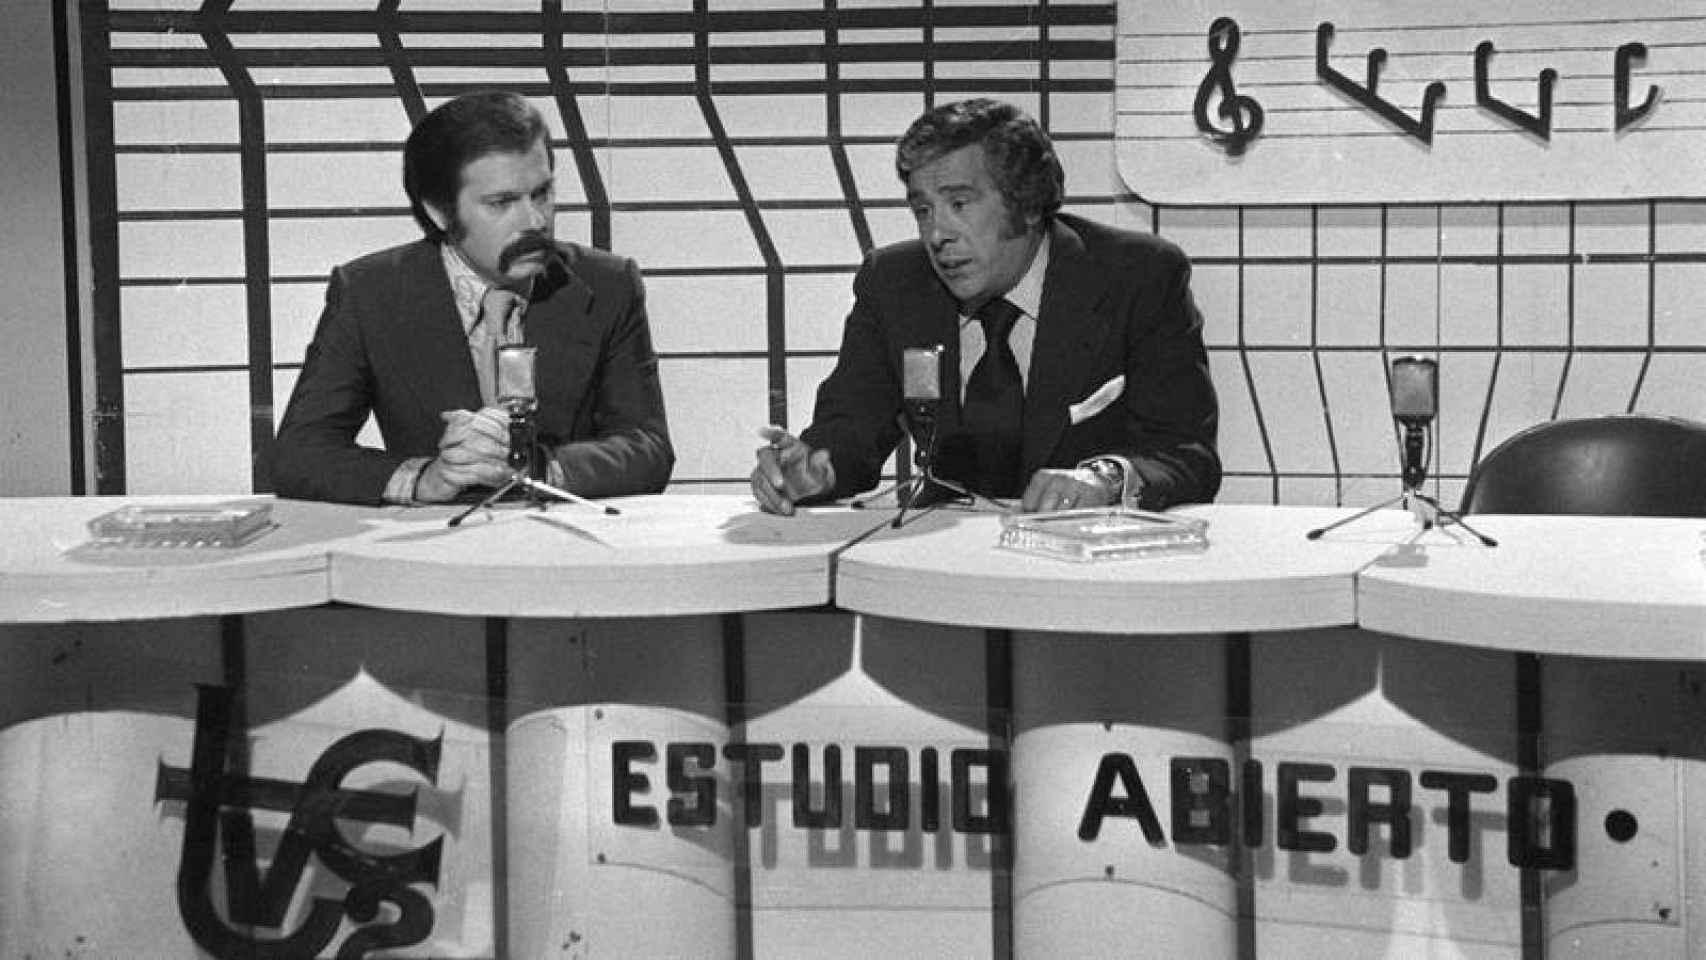 Le présentateur José María Iñigo, dans son émission 'Estudio Abierto'.'Estudio Abierto'.